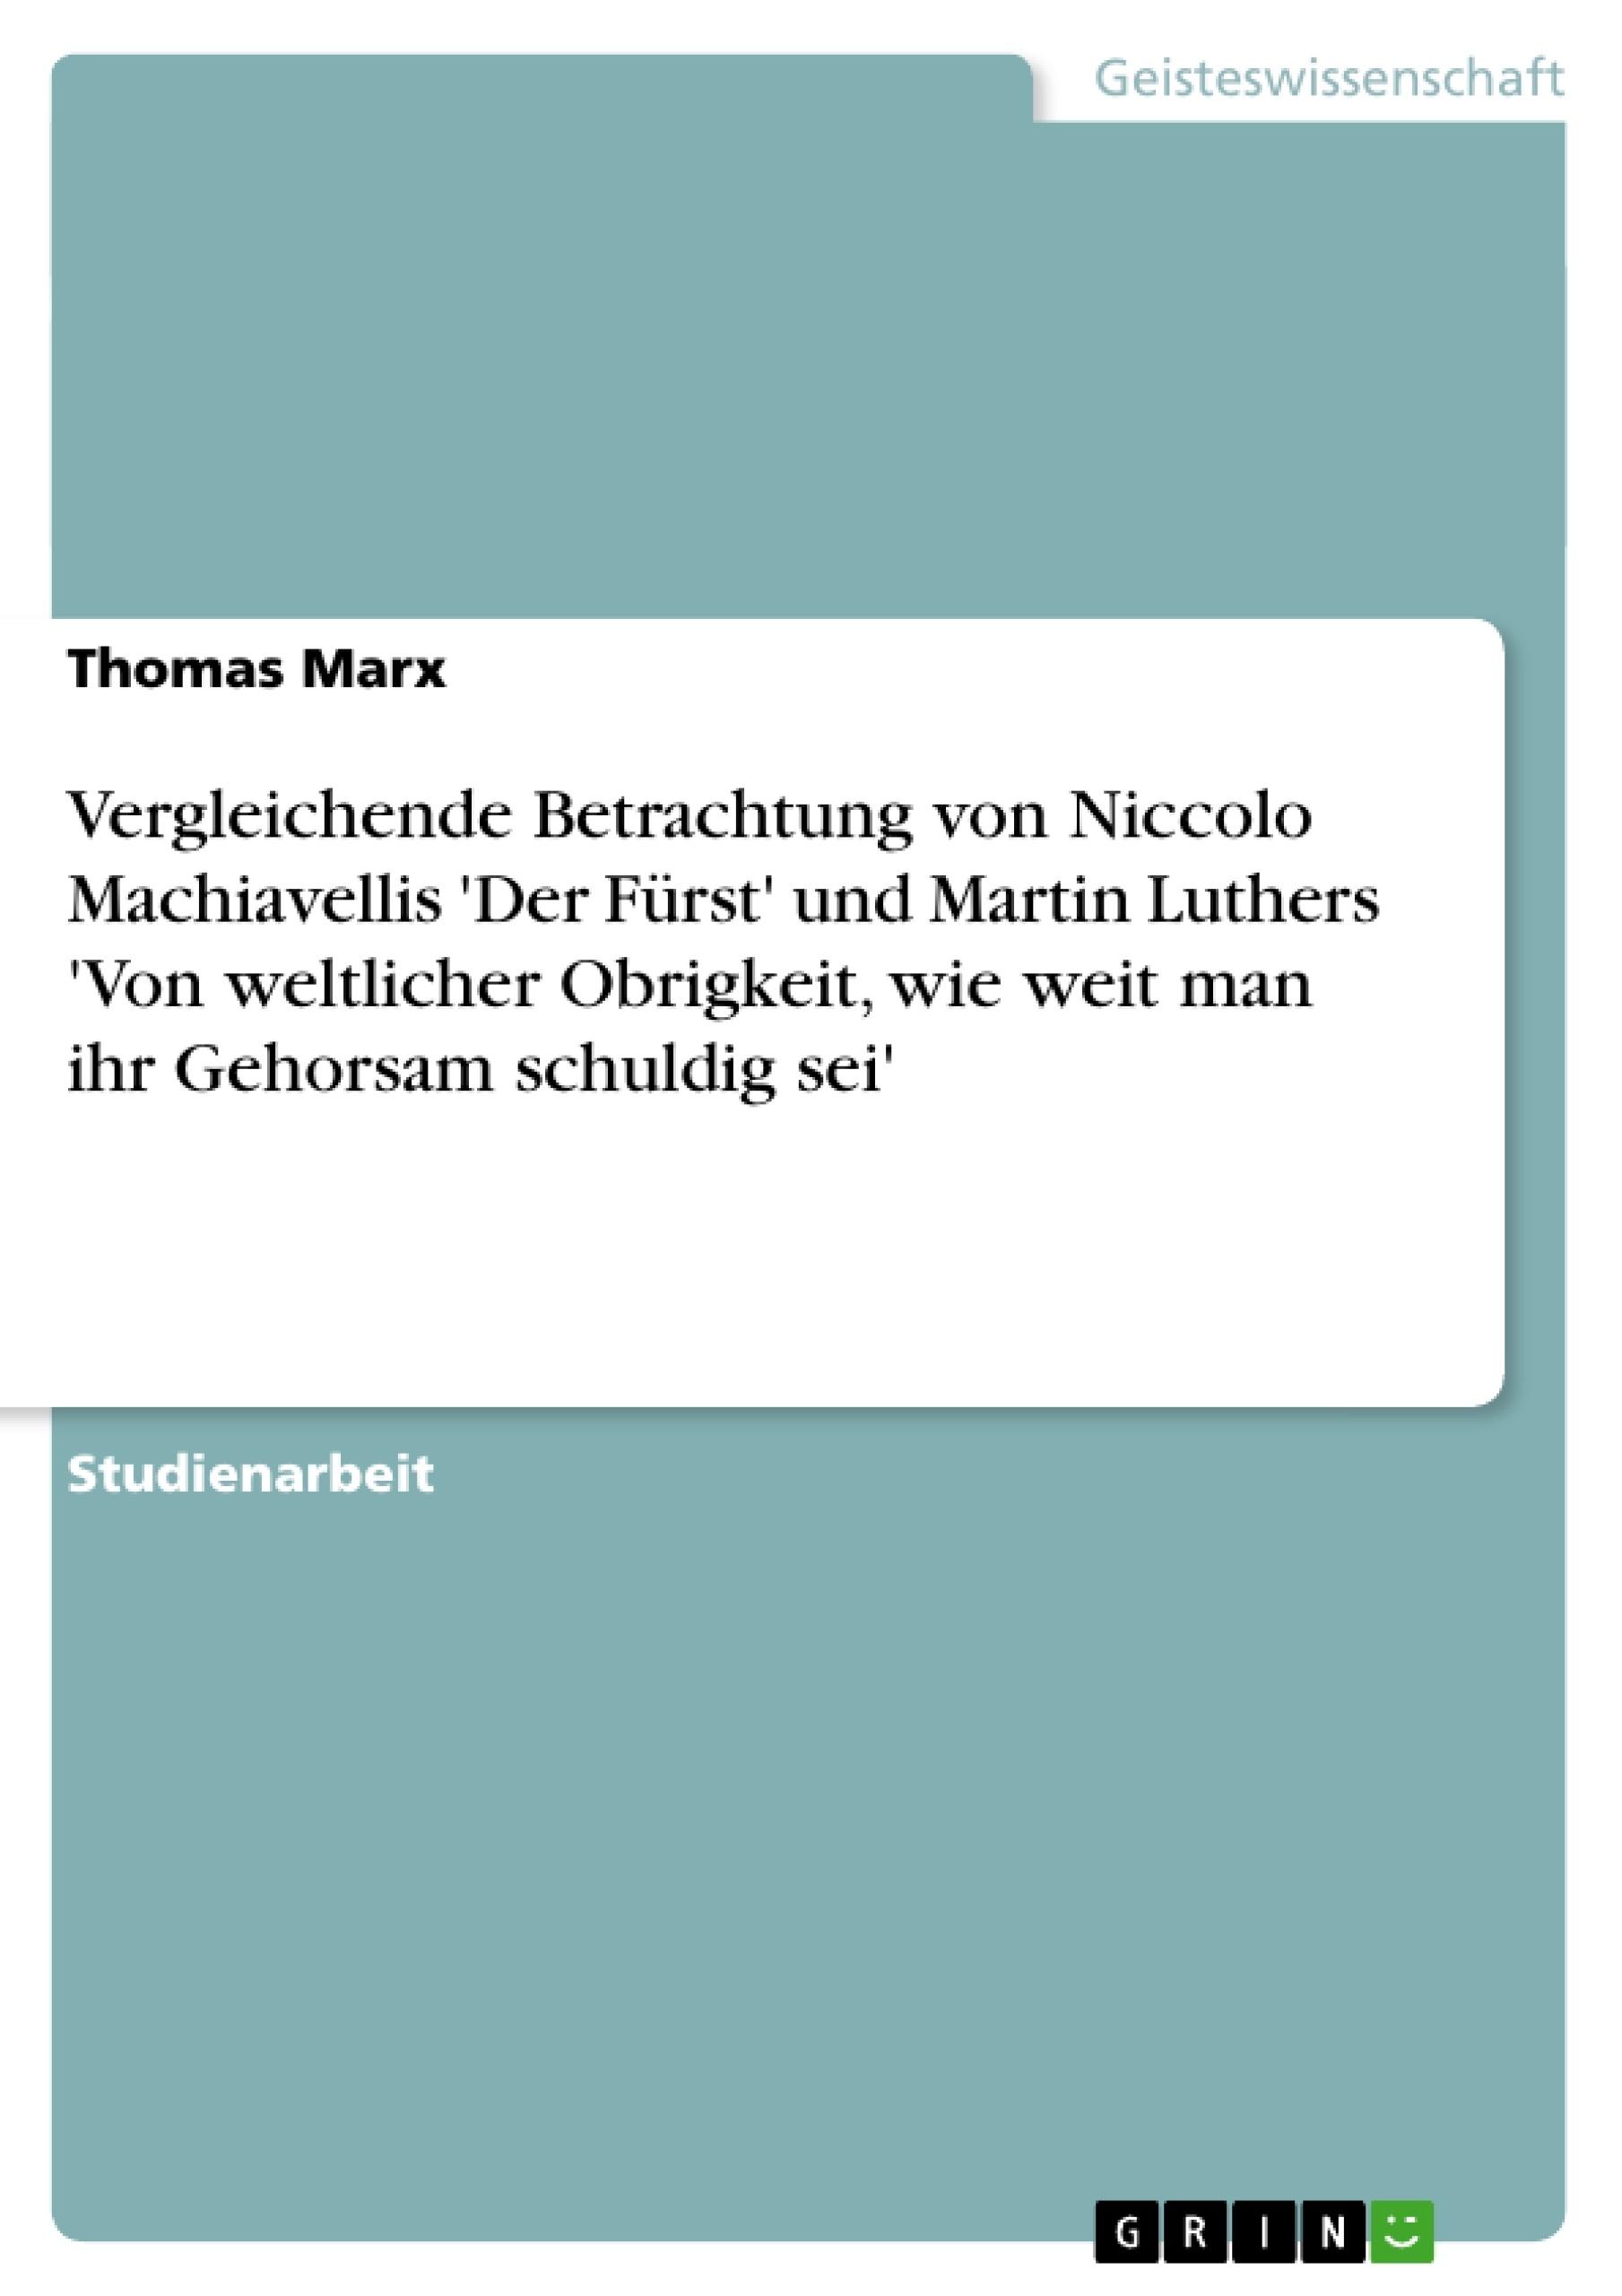 Titel: Vergleichende Betrachtung von Niccolo Machiavellis 'Der Fürst' und Martin Luthers 'Von weltlicher Obrigkeit, wie weit man ihr Gehorsam schuldig sei'